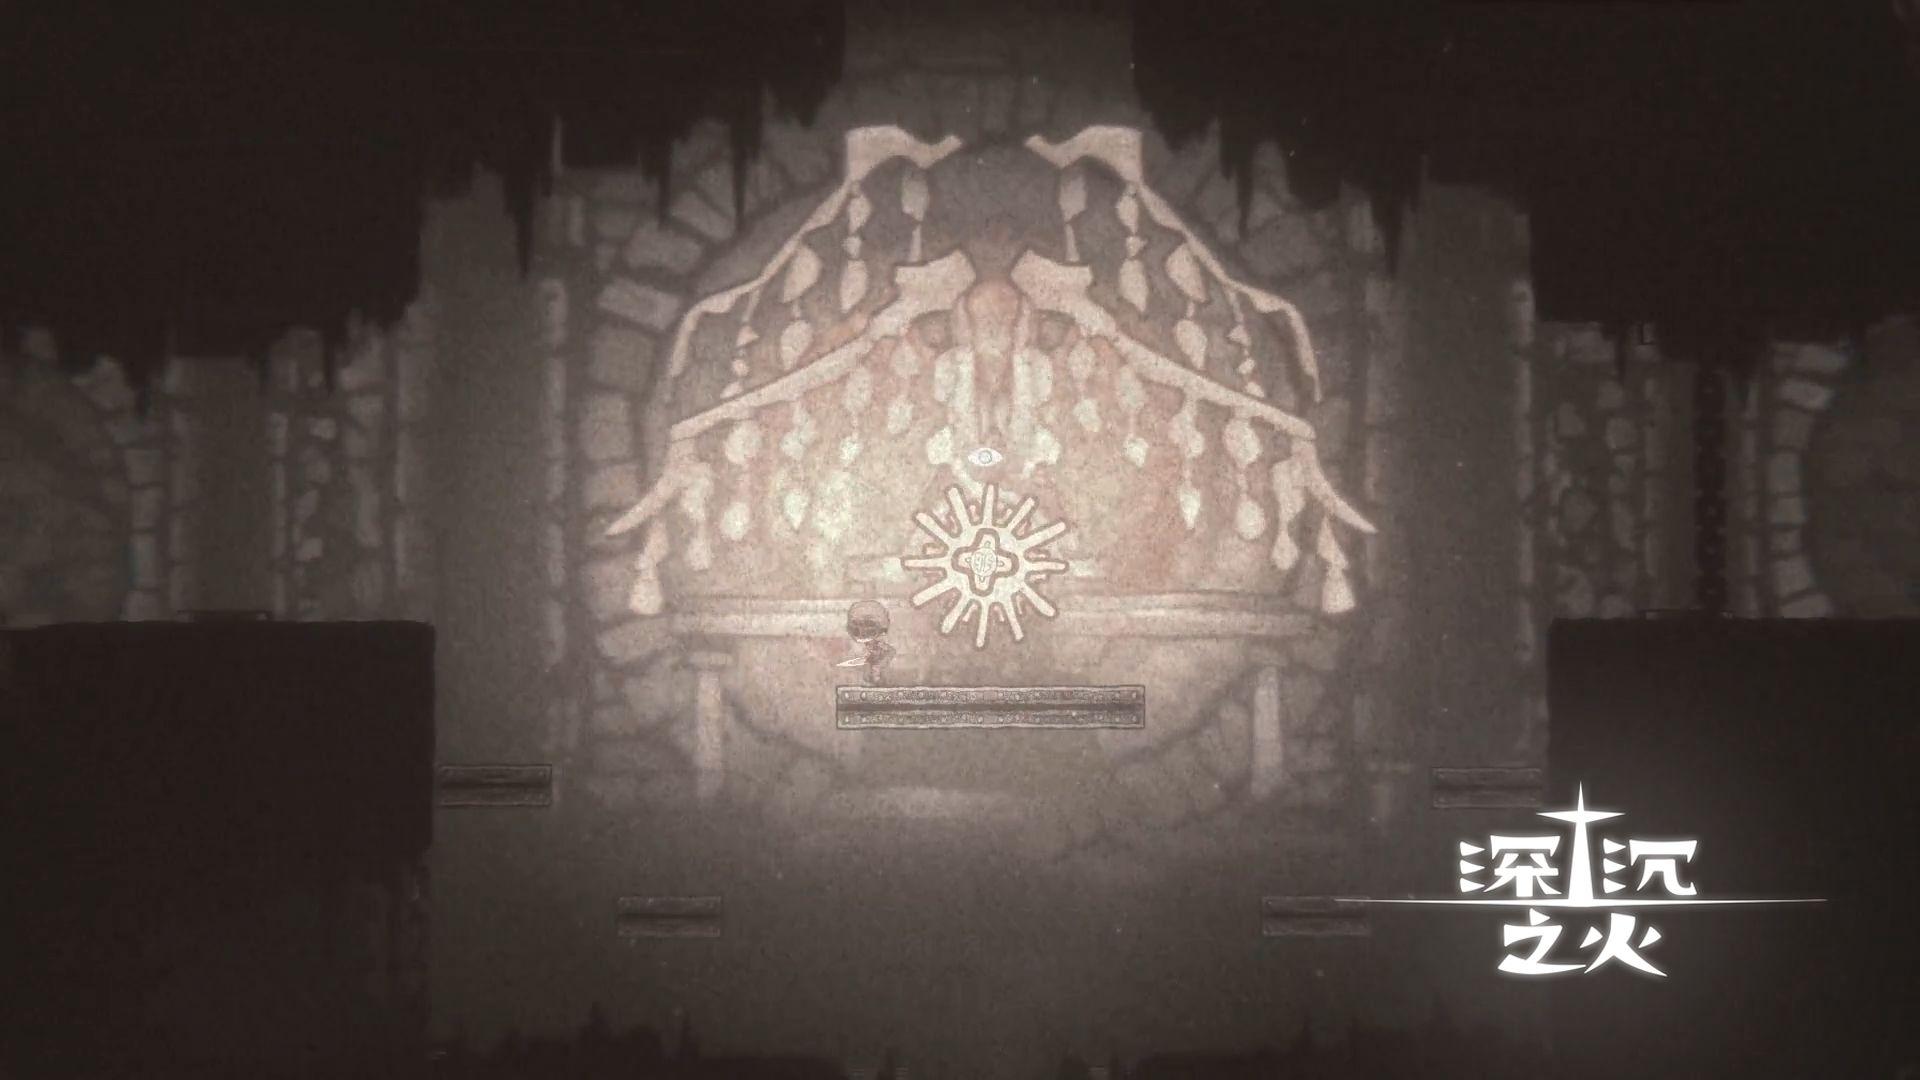 深沉之火手机版-深沉之火下载-深沉之火安卓/IOS/PC版-飞翔游戏深沉之火下载